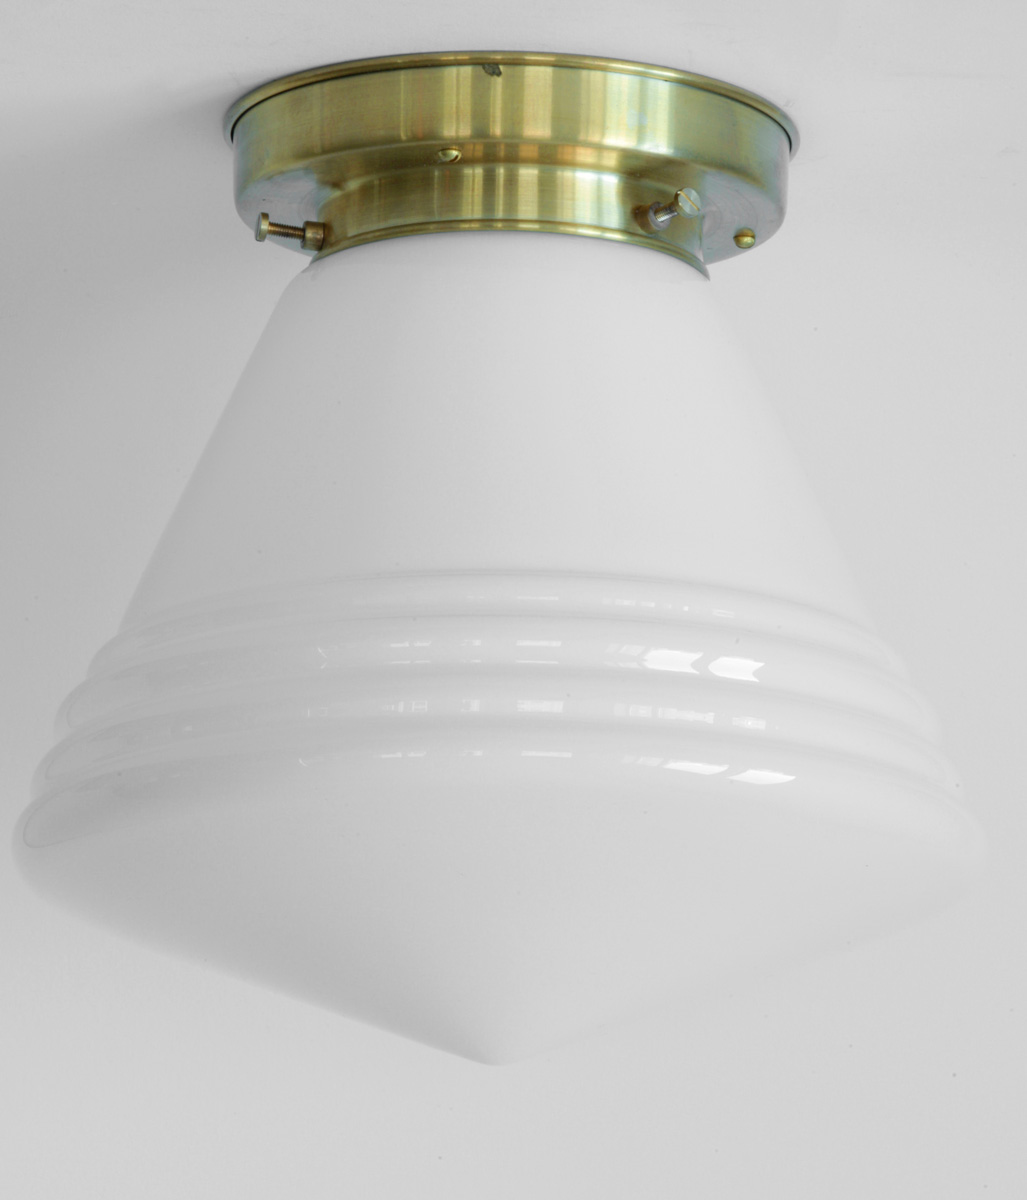 kleine deckenleuchte mit spitzglas und gestufter halterung 20 cm casa lumi. Black Bedroom Furniture Sets. Home Design Ideas